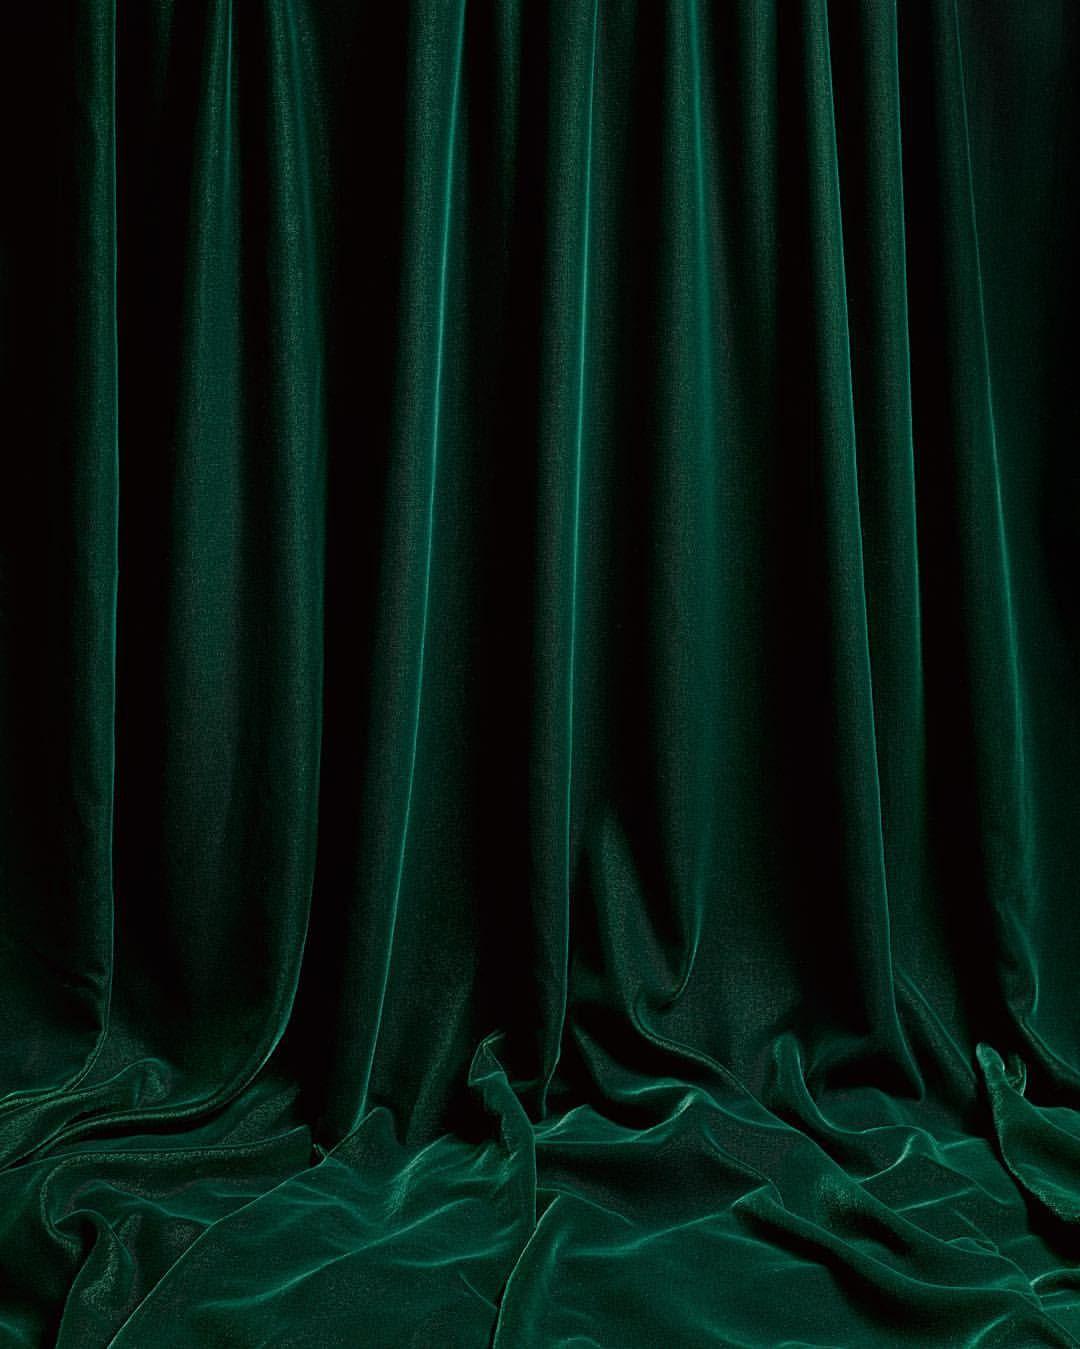 Sapin Vert Sapin Nuances De Vert Et Rideau Vert